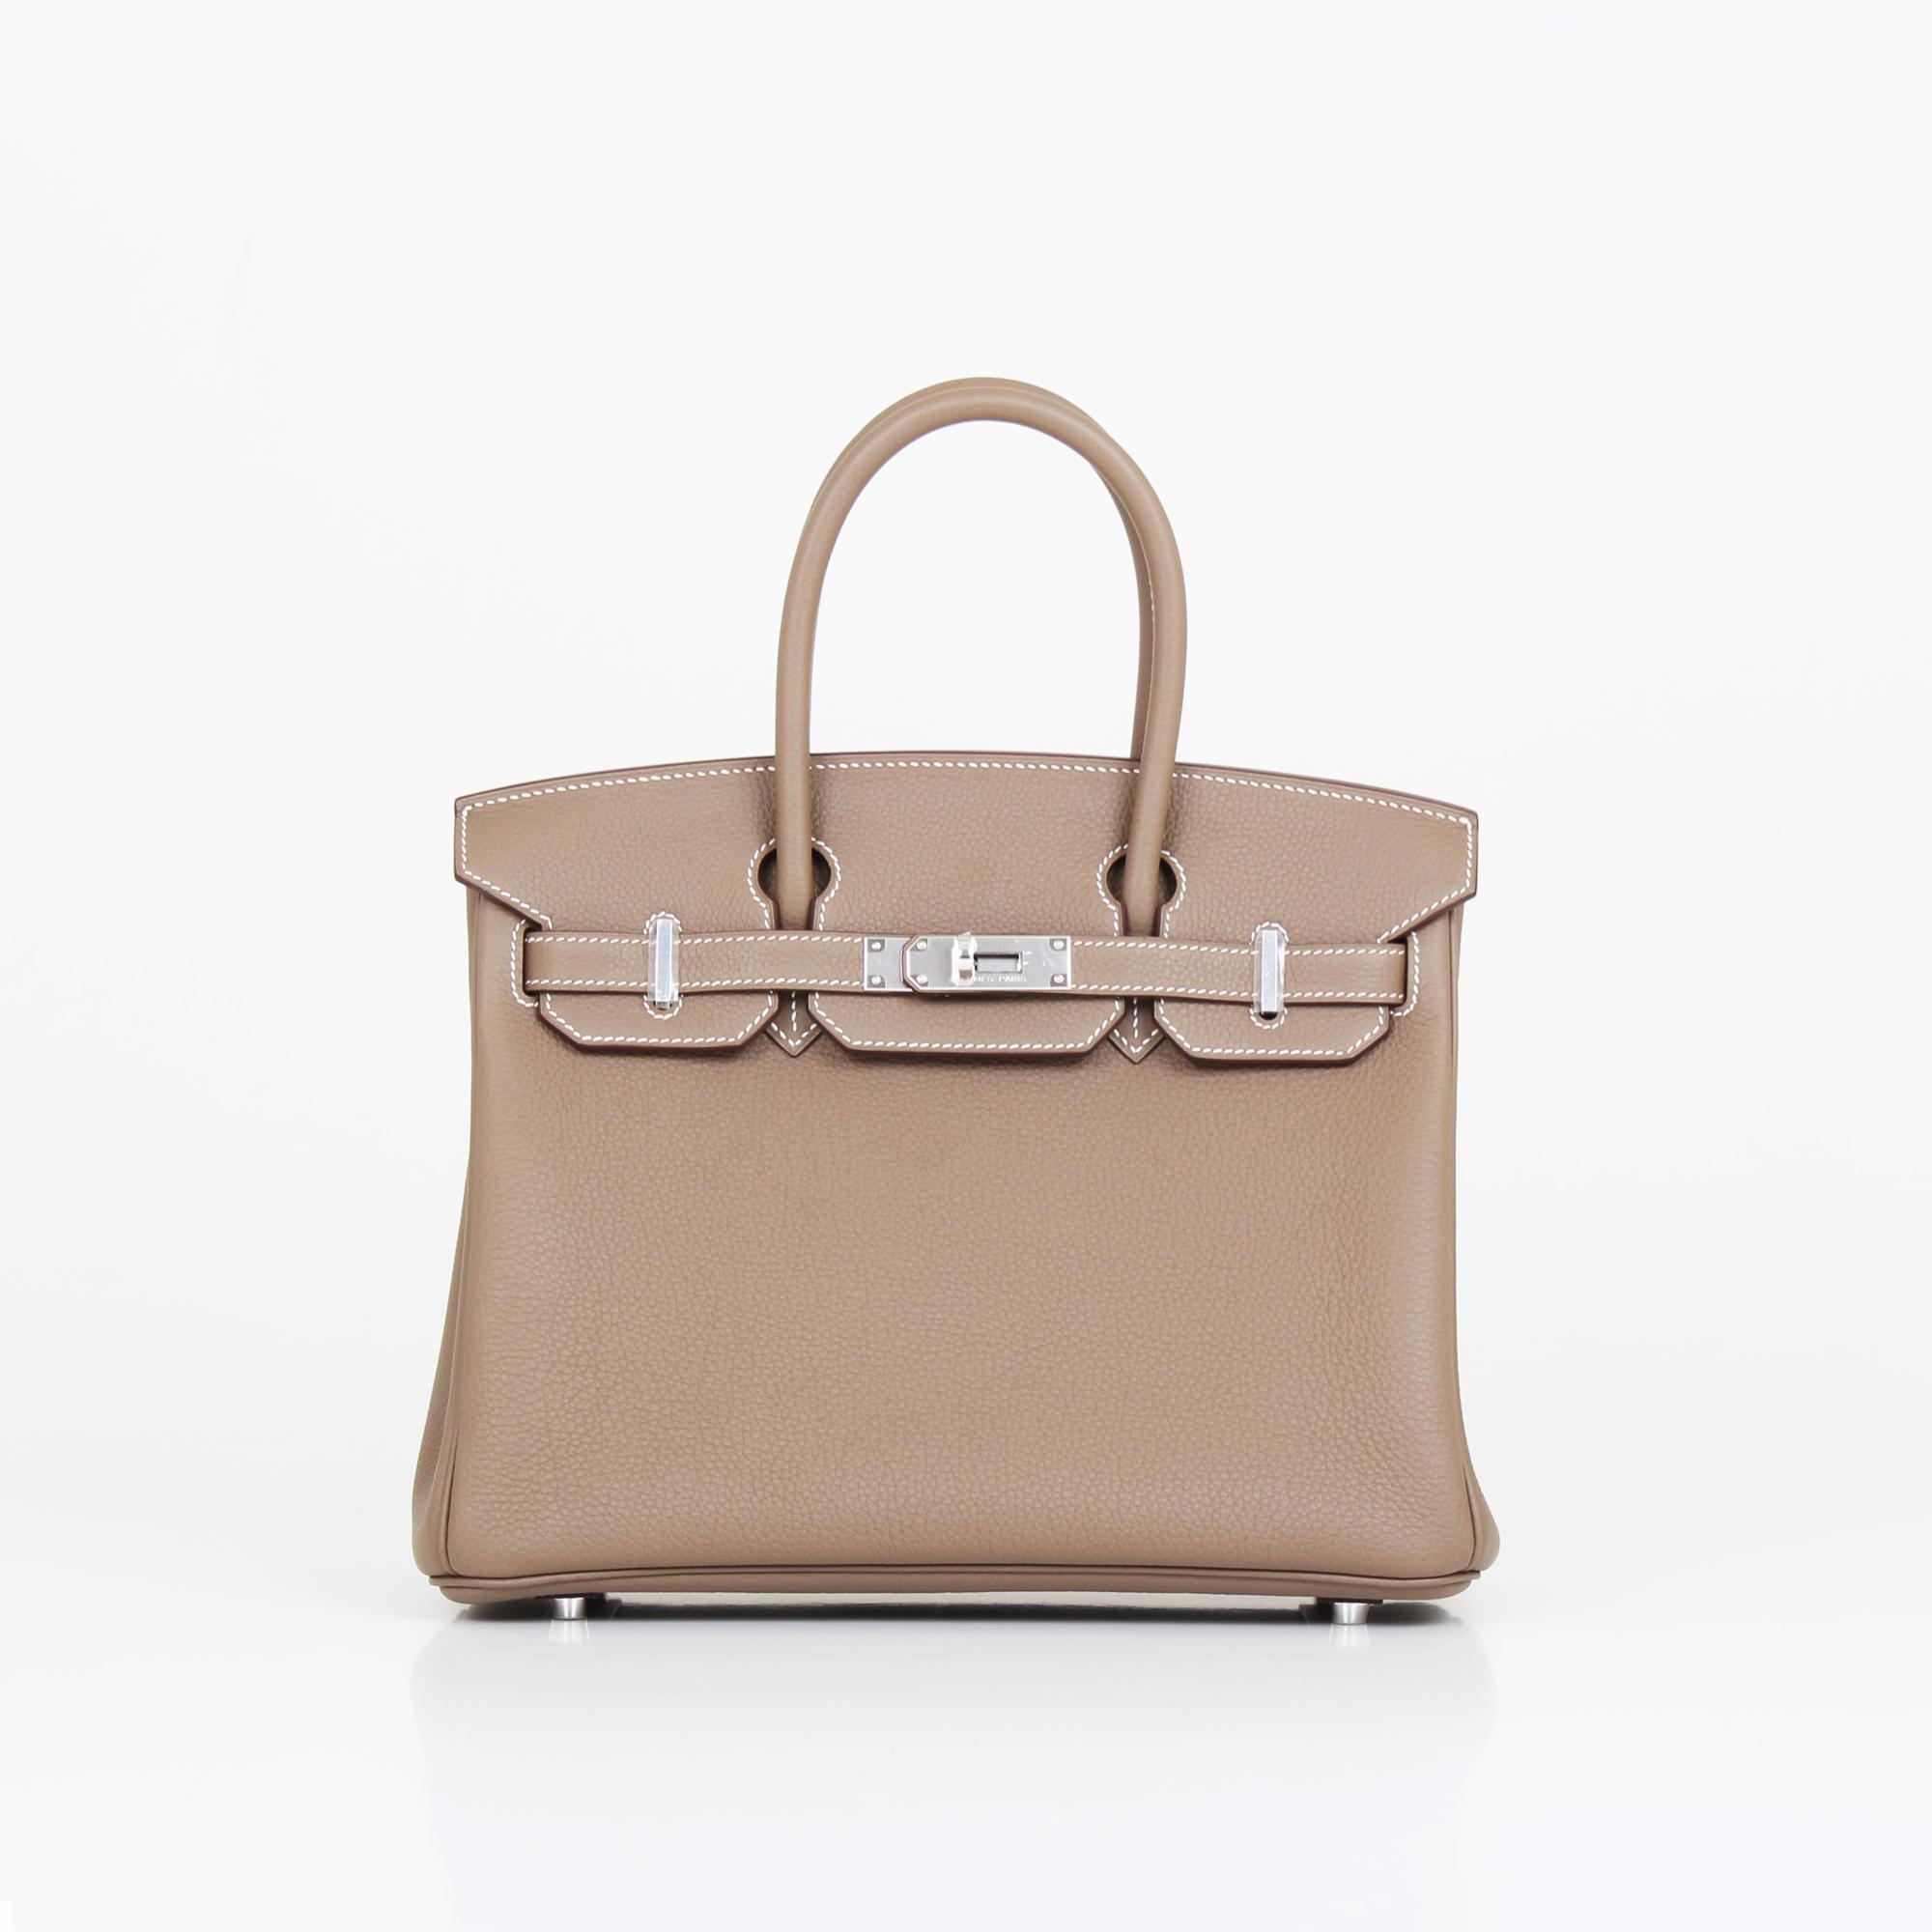 Front image of hermes birkin bag taupe togo